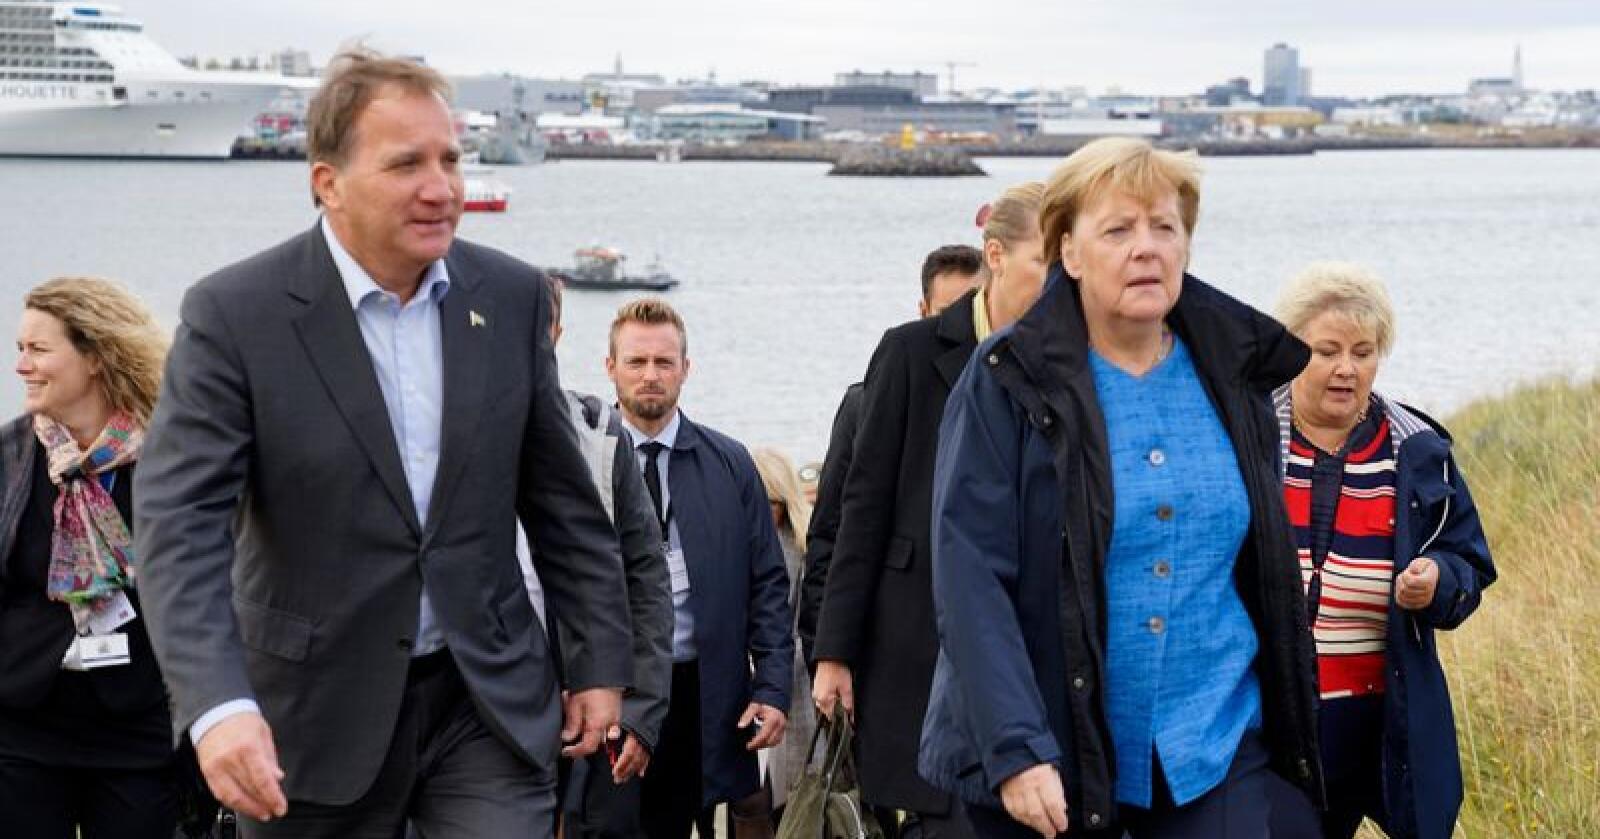 Sveriges statsminister Stefan Löfven og Tysklands regjeringssjef Angela Merkel ankommer øya Videy utenfor Reykjavik for å delta på statsministermøtet. Foto: AP / NTB scanpix